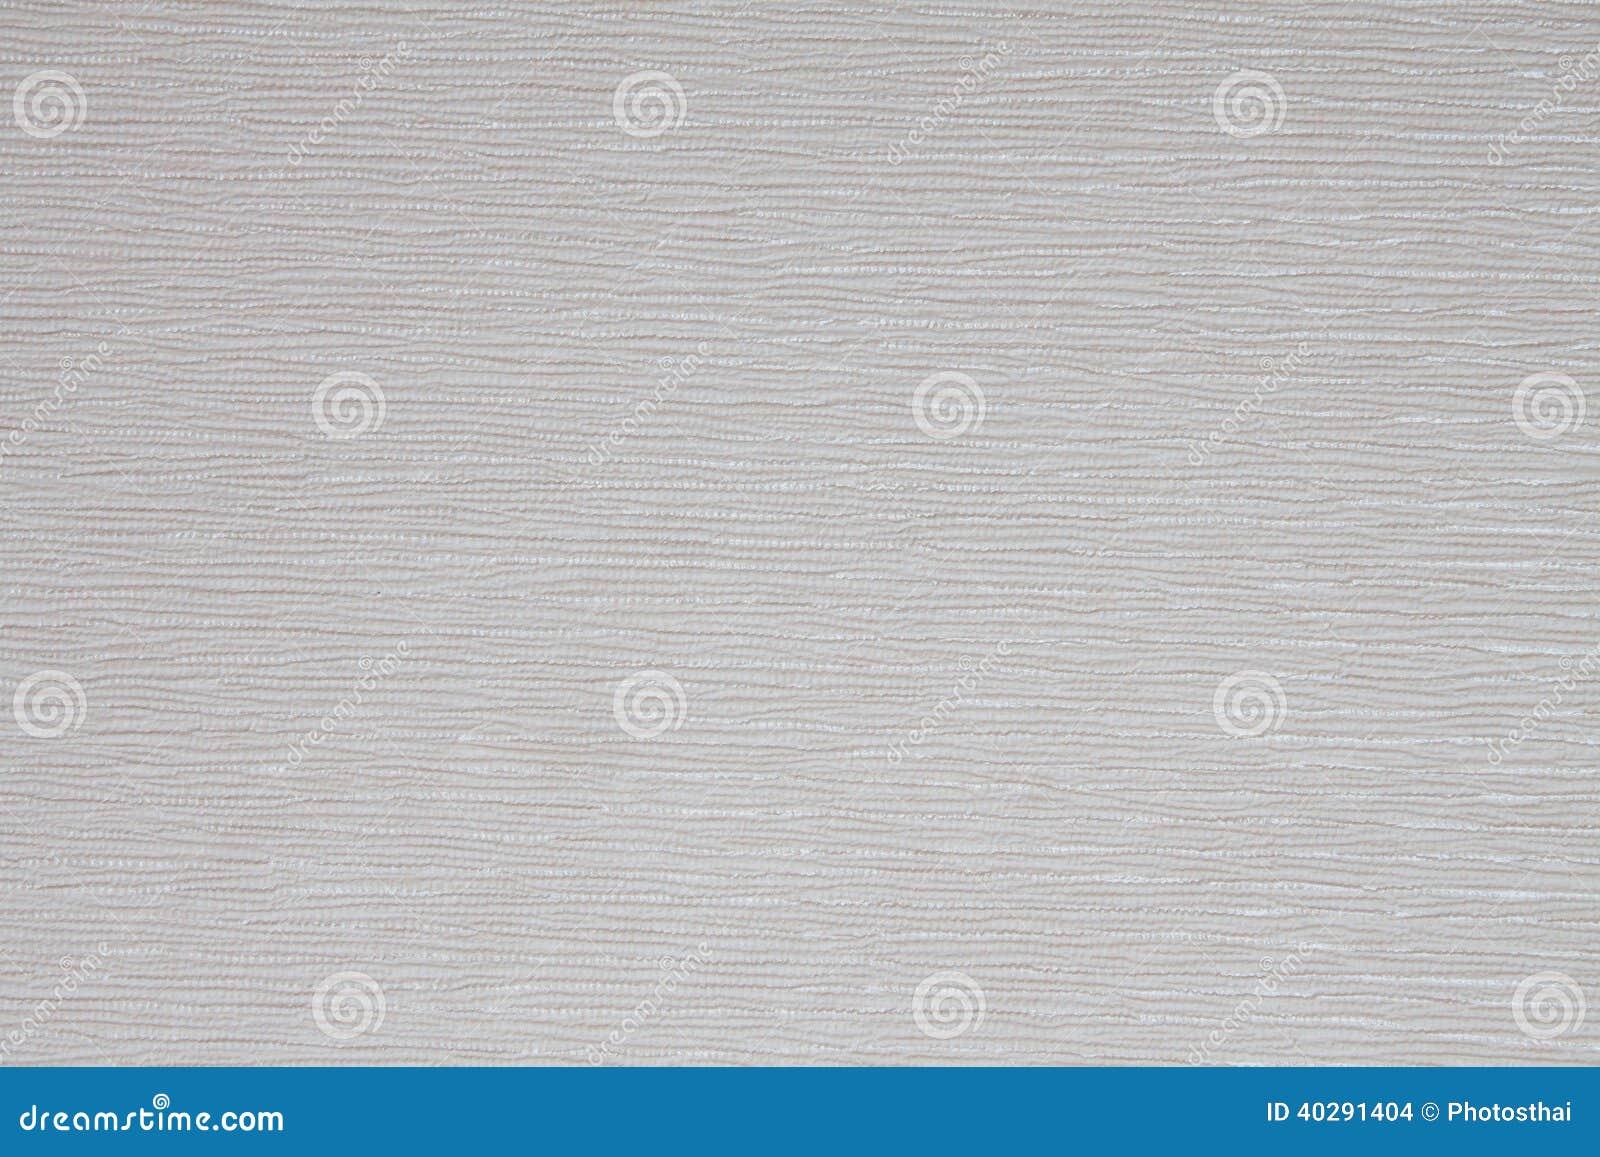 Carta da parati bianca moderna fotografia stock immagine for Carta parati bianca